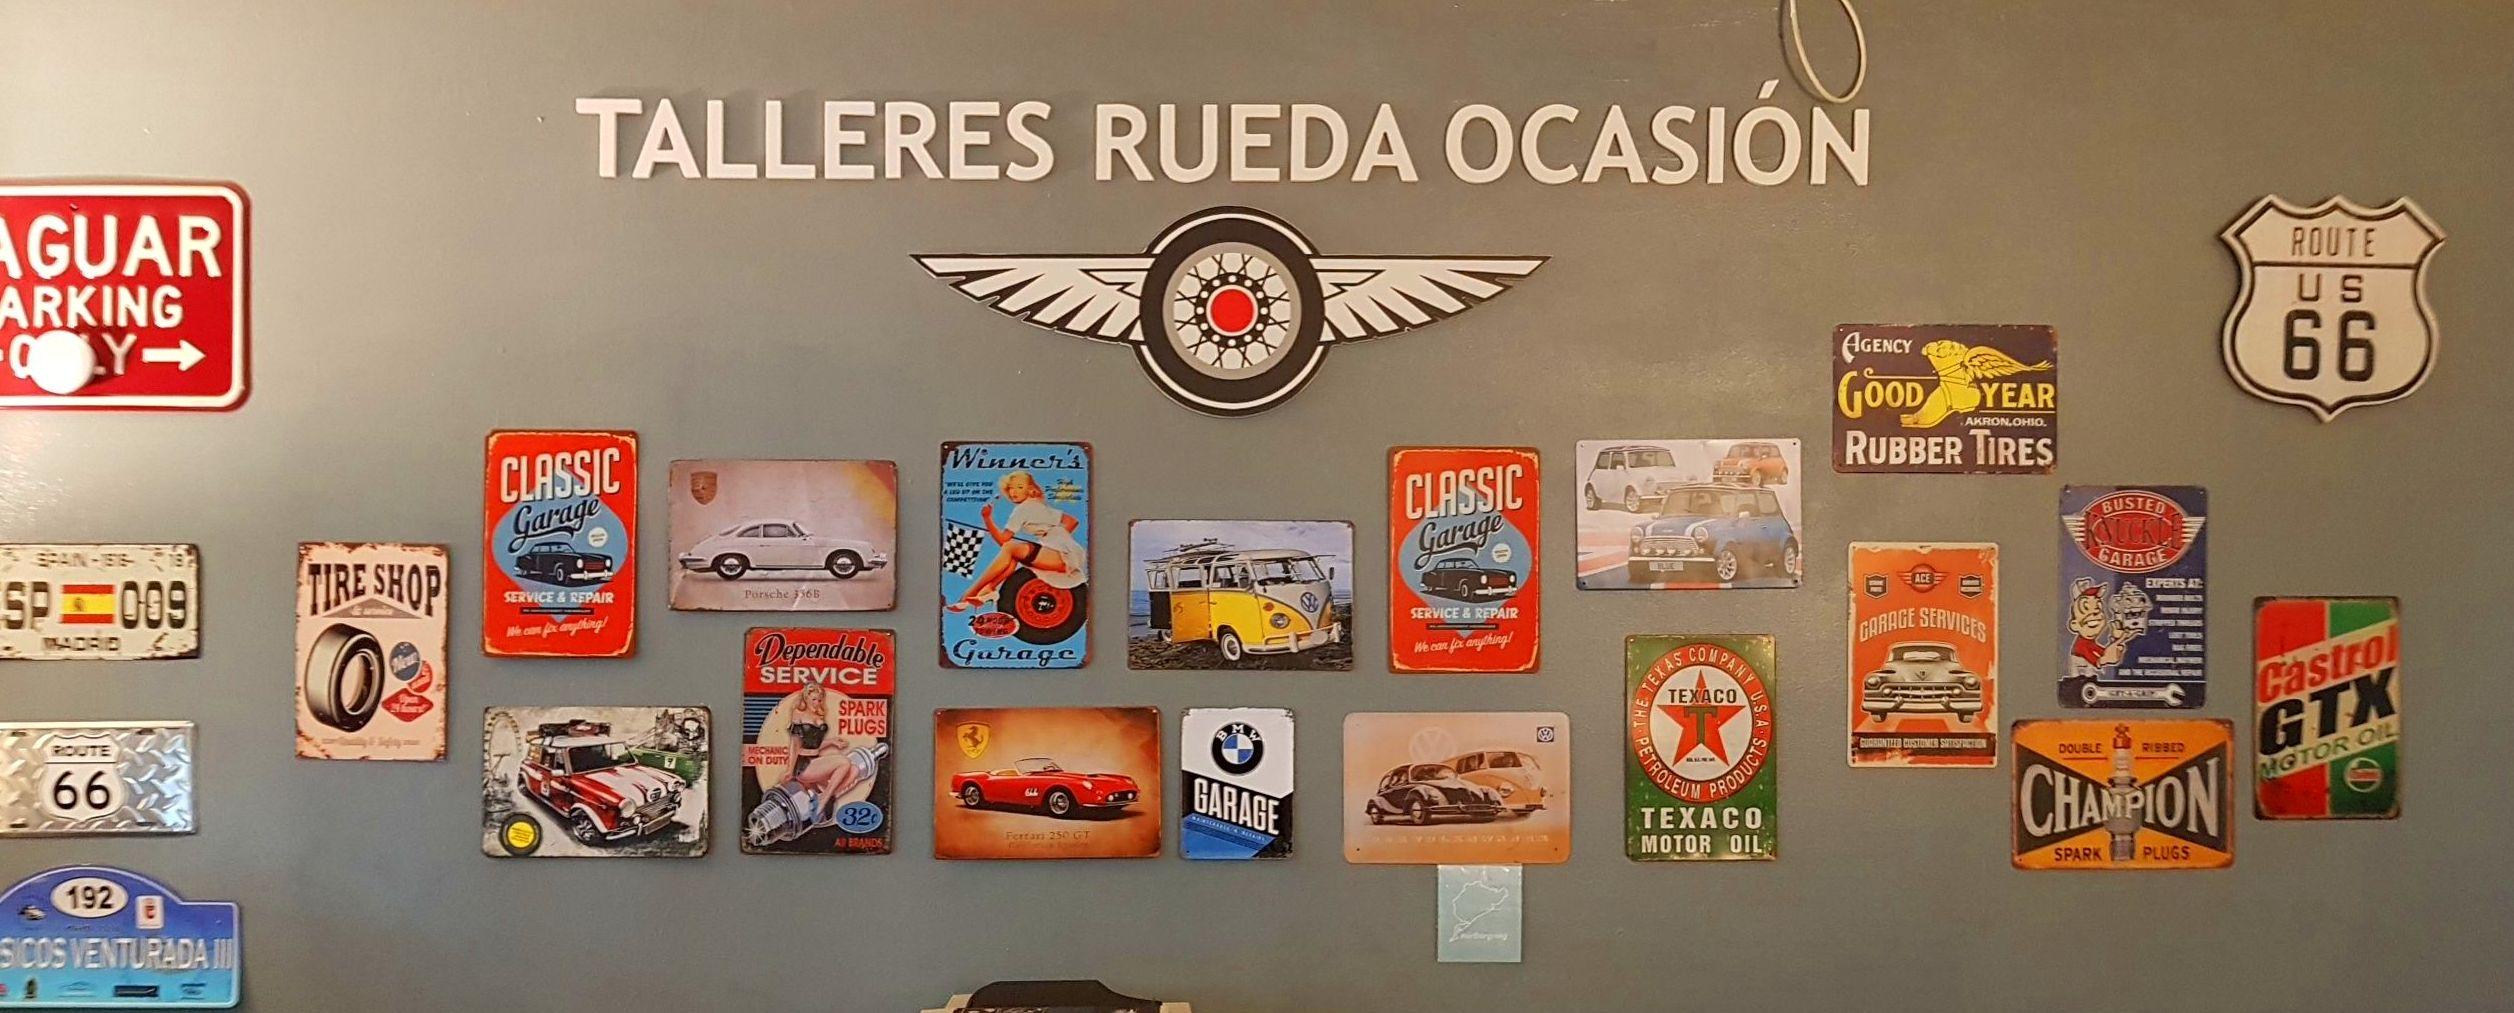 Foto 21 de Neumáticos en Colmenar Viejo | Rueda Ocasión